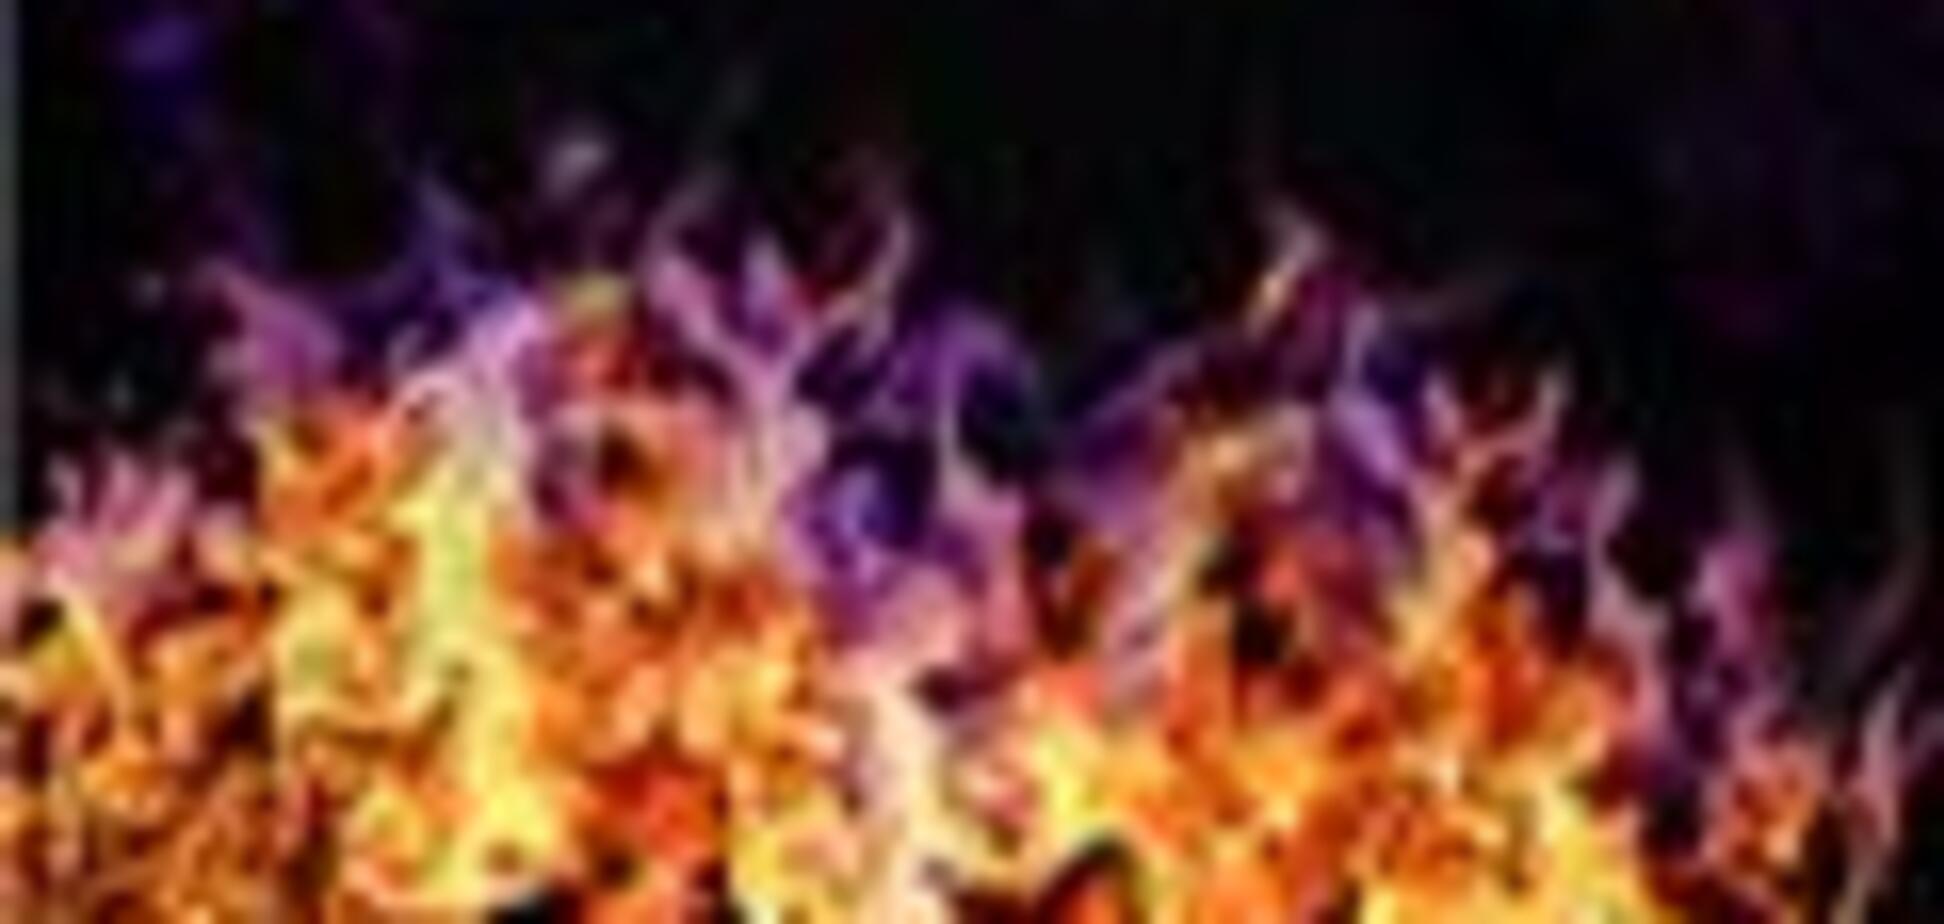 В Ірані живцем згоріли 22 студента